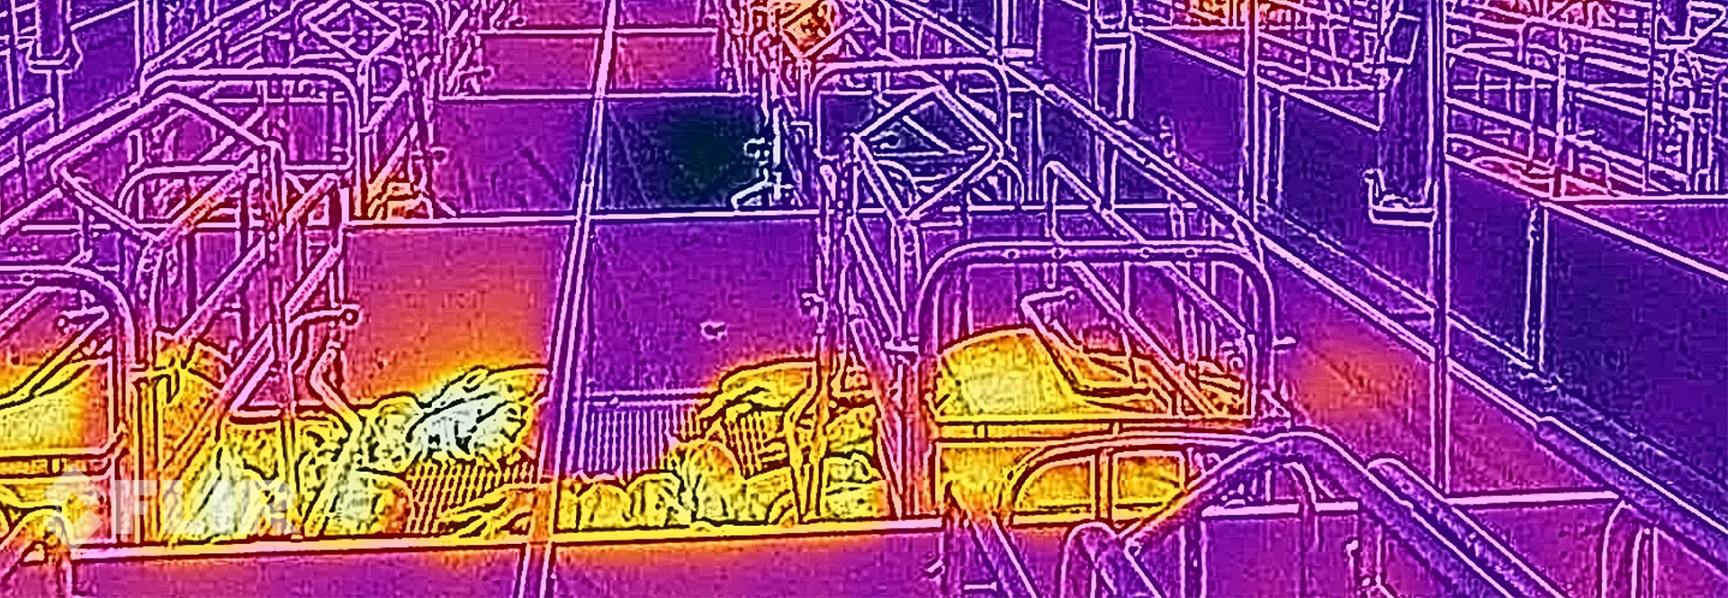 Cat S60 thermal imaging in pig farming   Cat phones